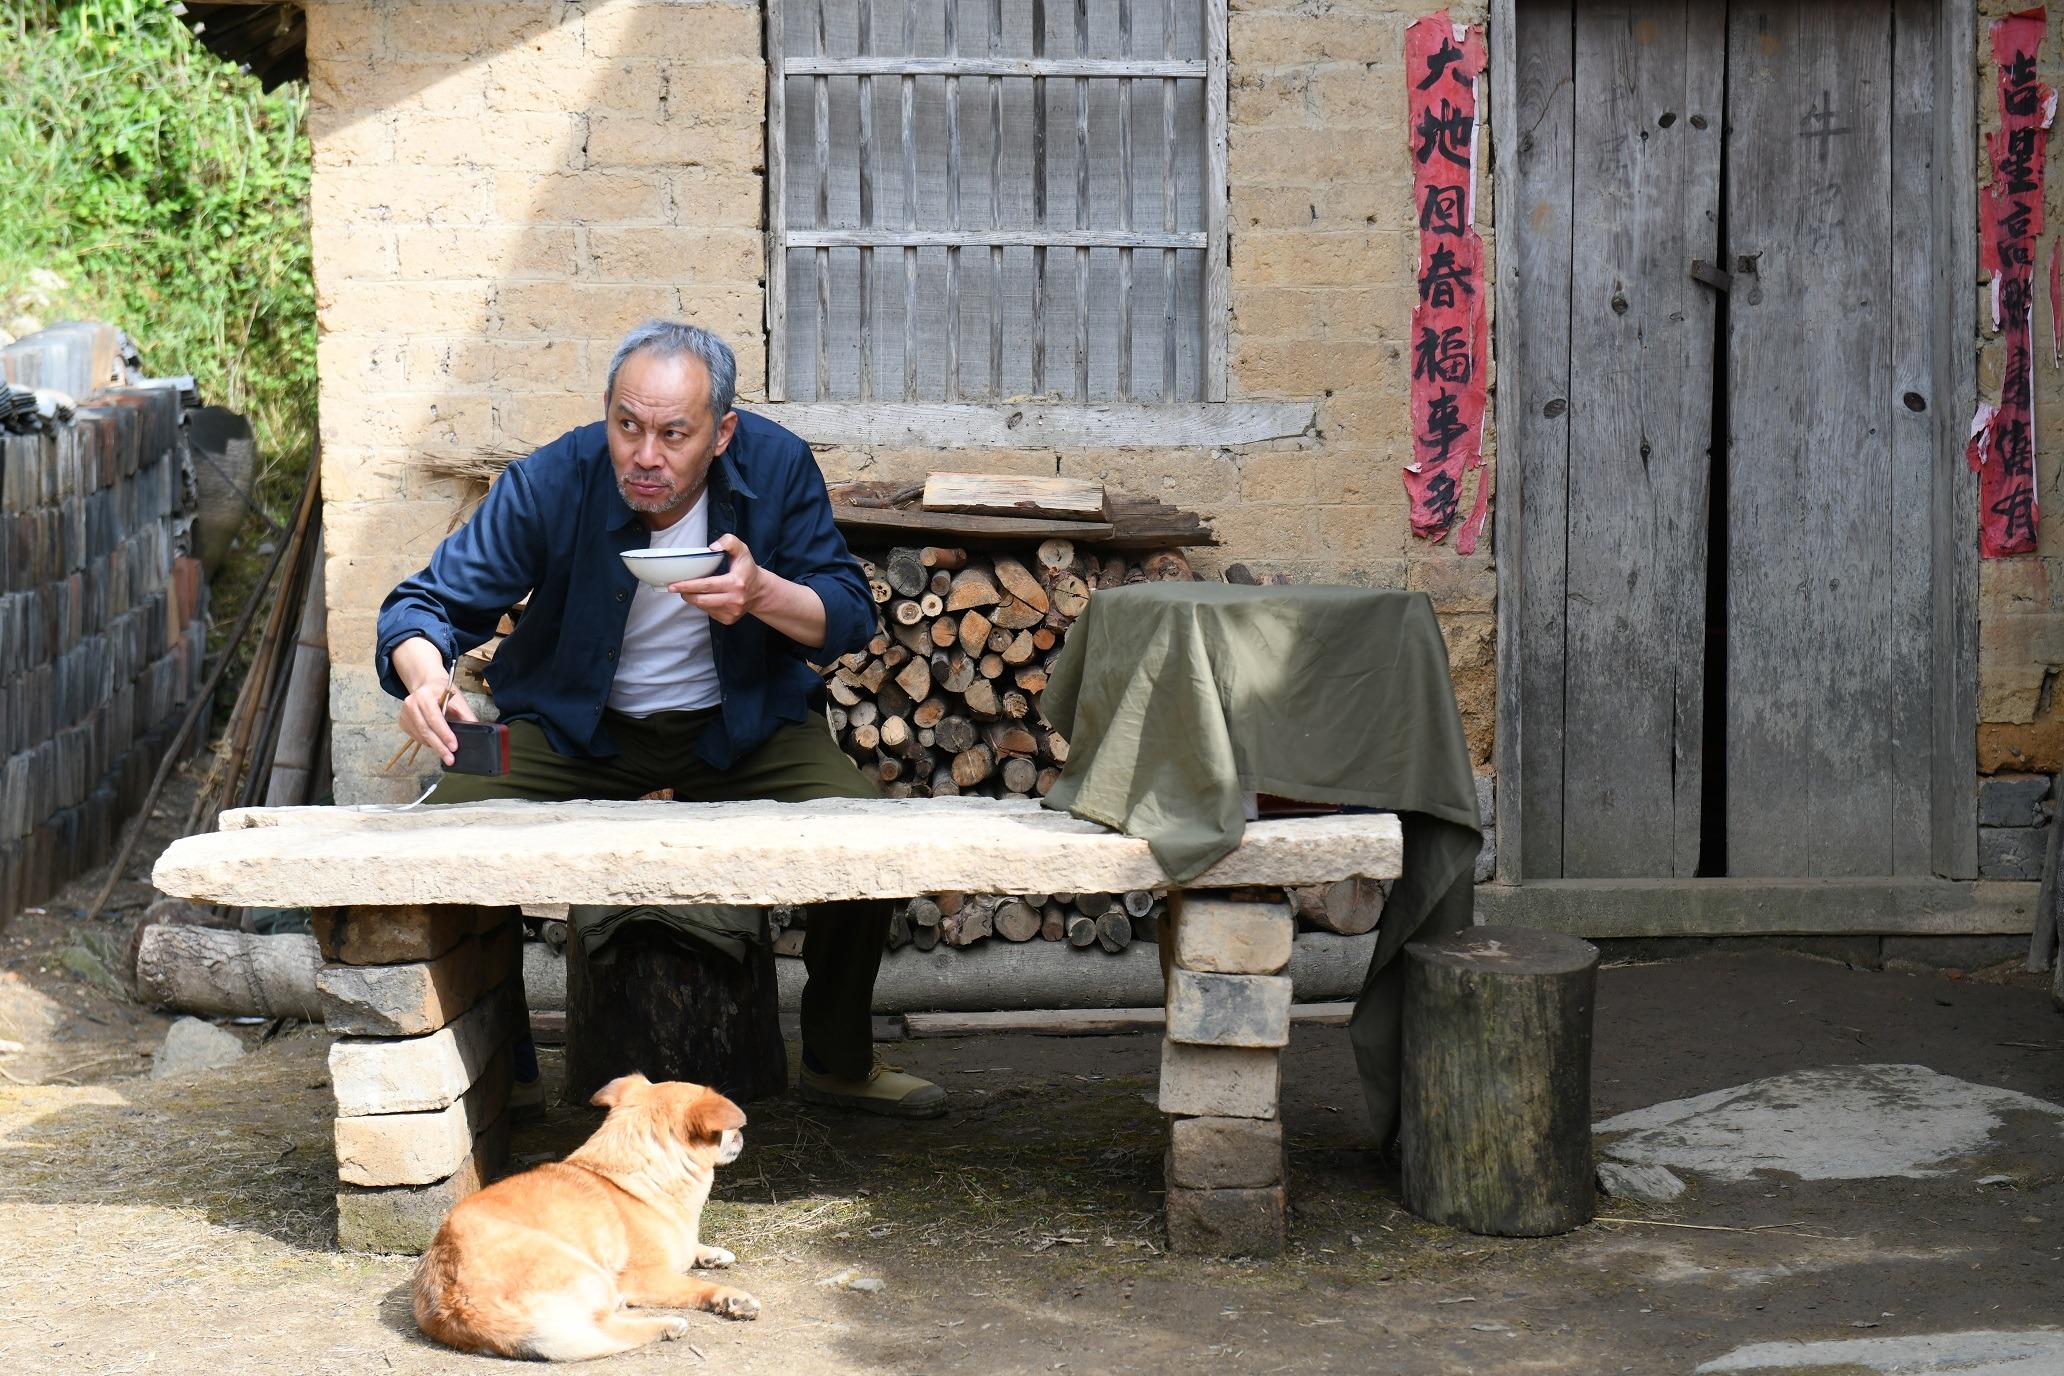 2020年安徽省重点文艺项目 ――电影故事片《大事》媒体见面会在